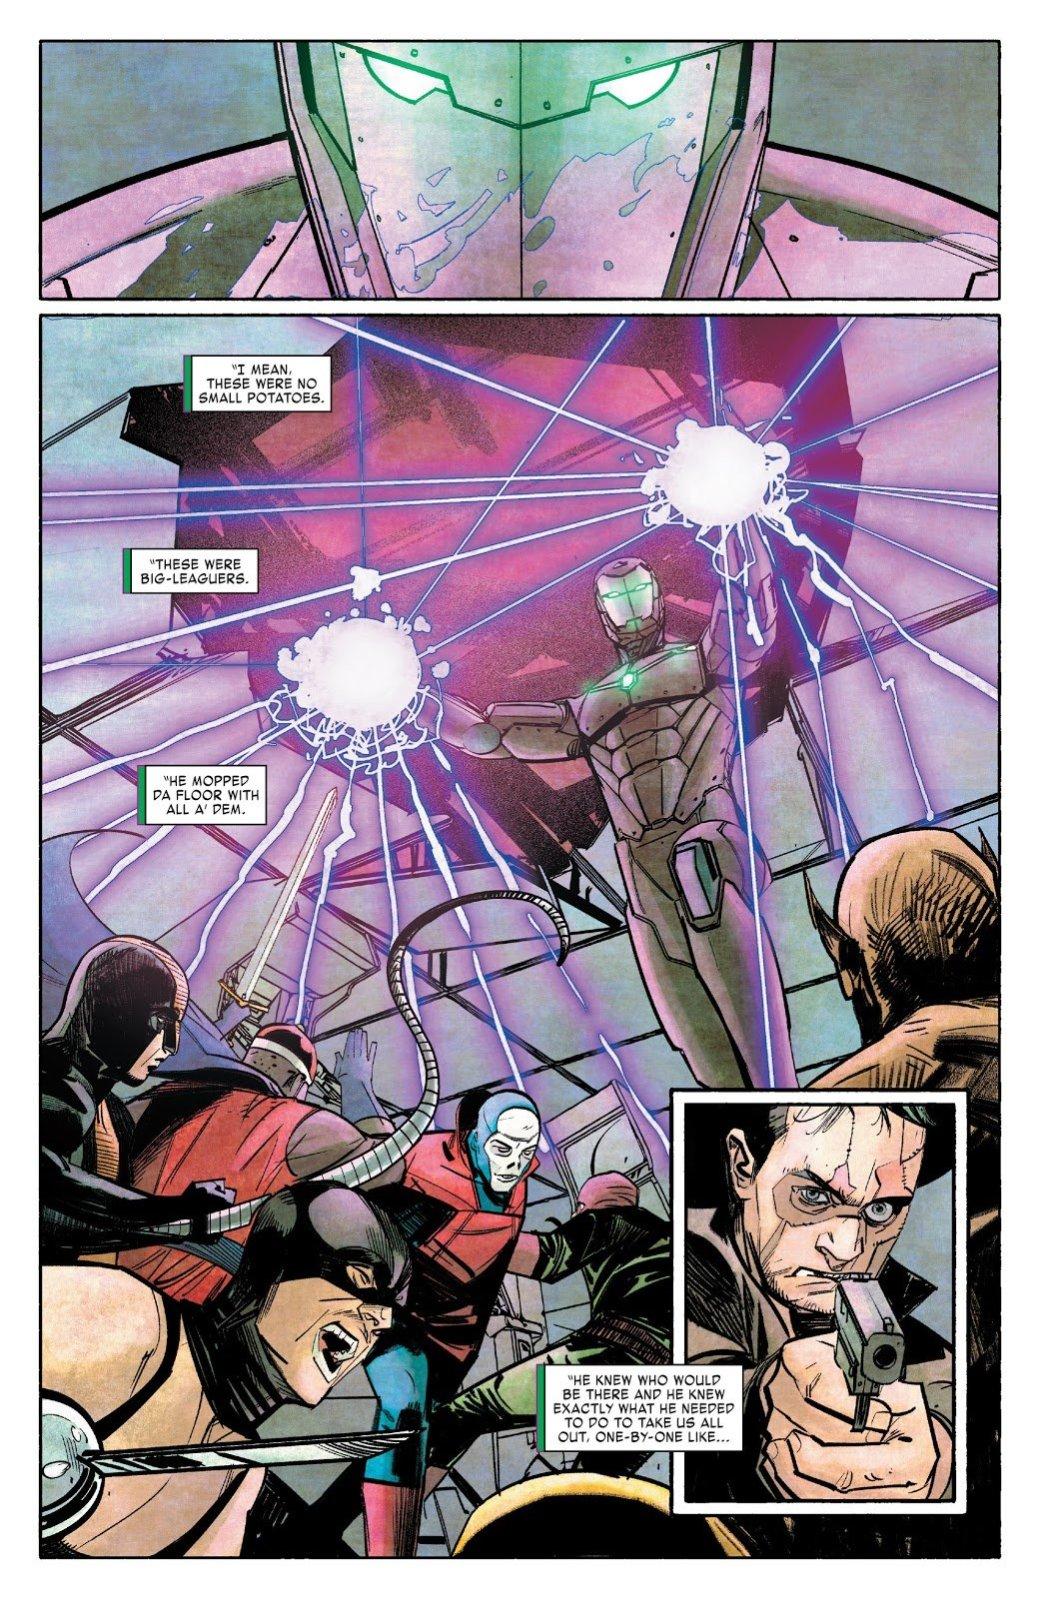 Почему комикс оДокторе Думе-герое— один изсамых смелых экспериментов Marvel последних лет | Канобу - Изображение 5